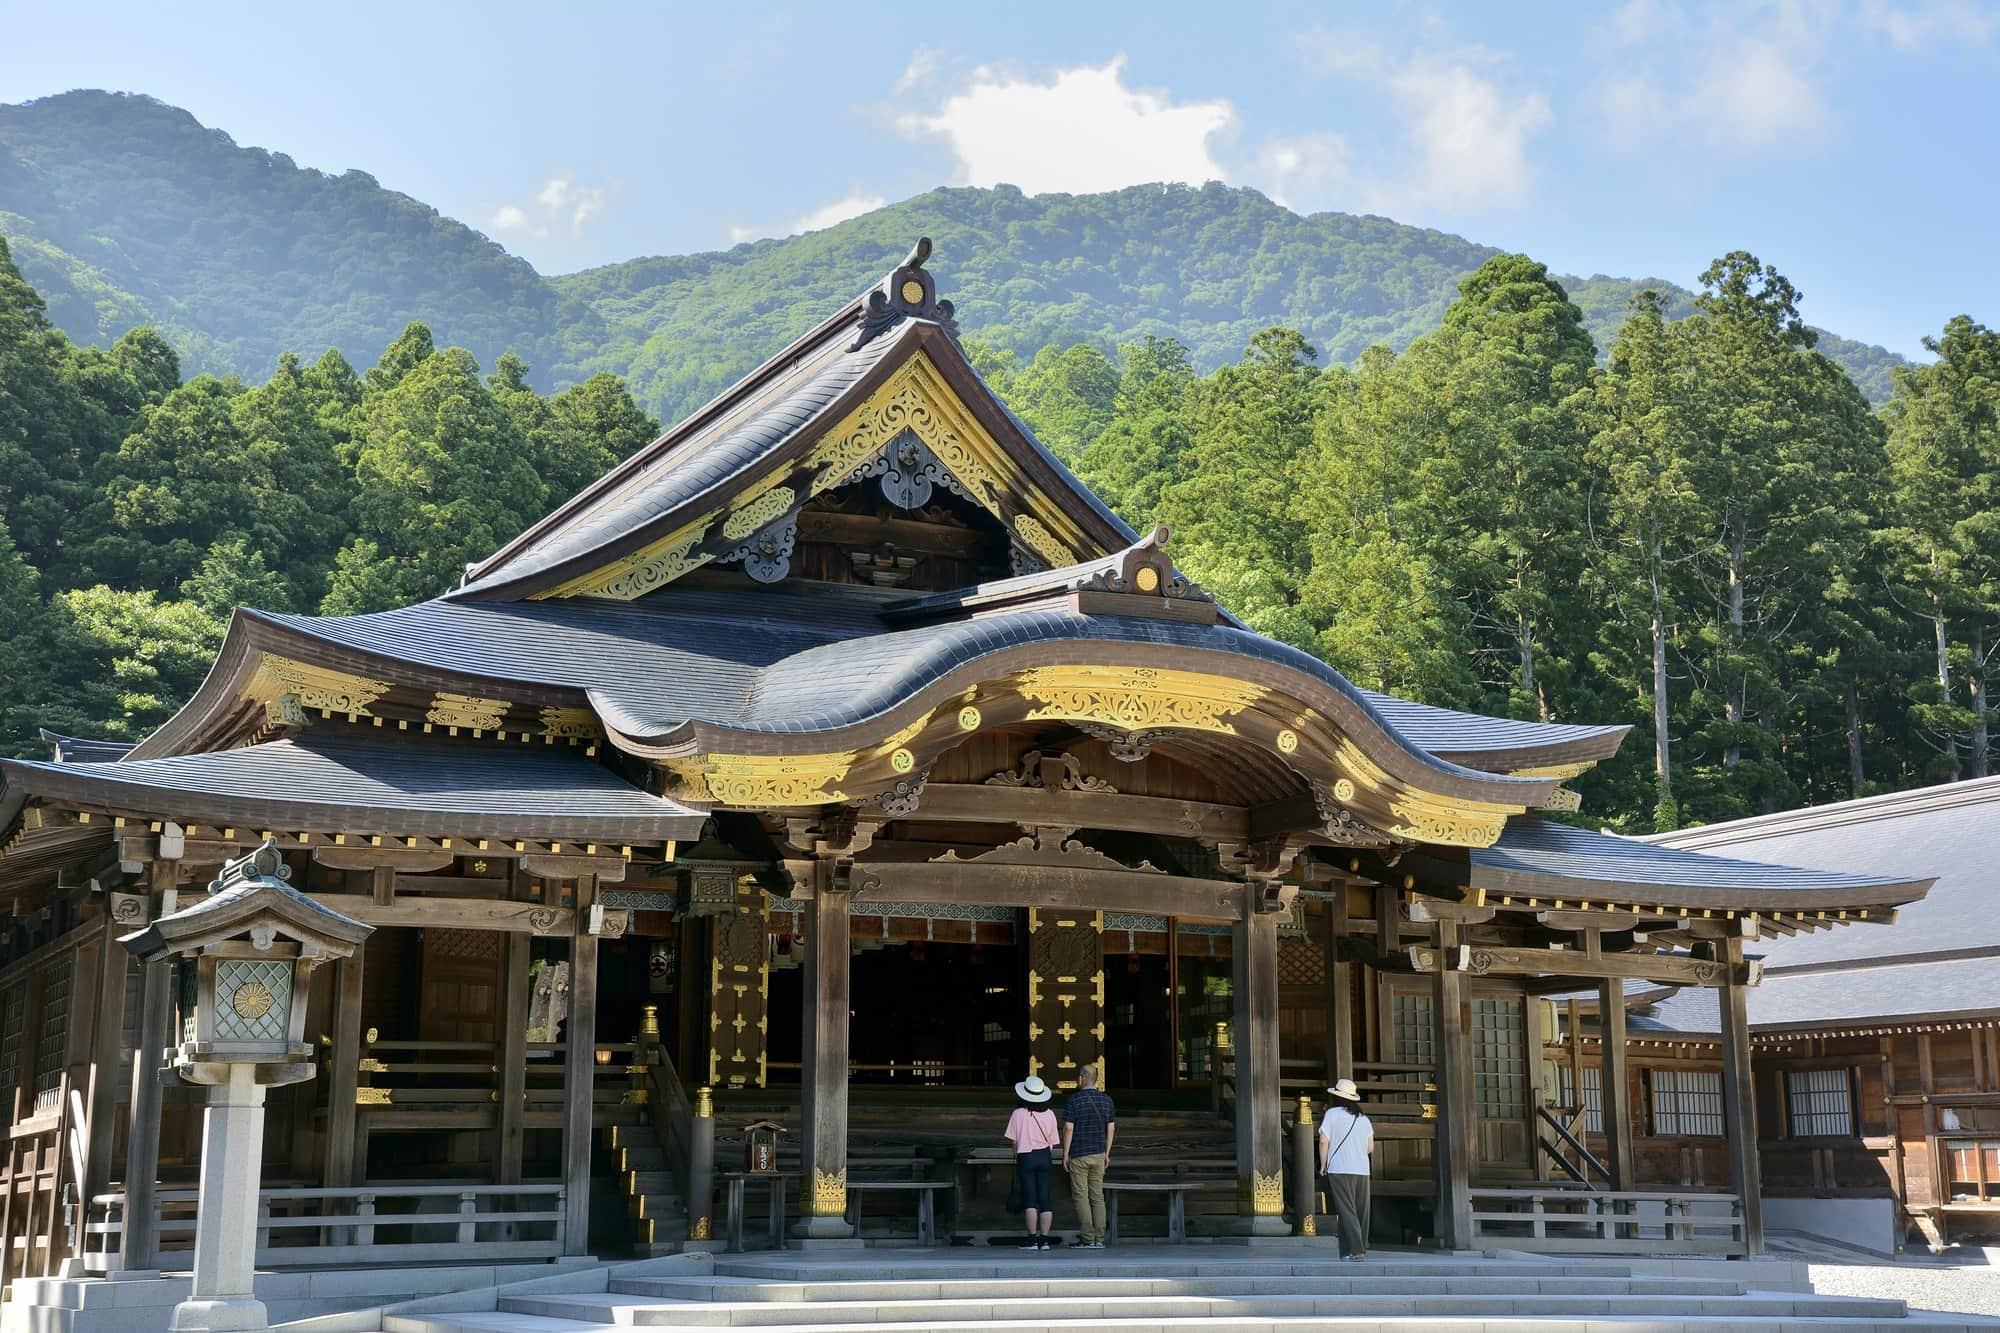 神社 弥彦 新潟県最強パワースポット弥彦神社参拝前に確認すべき10の事